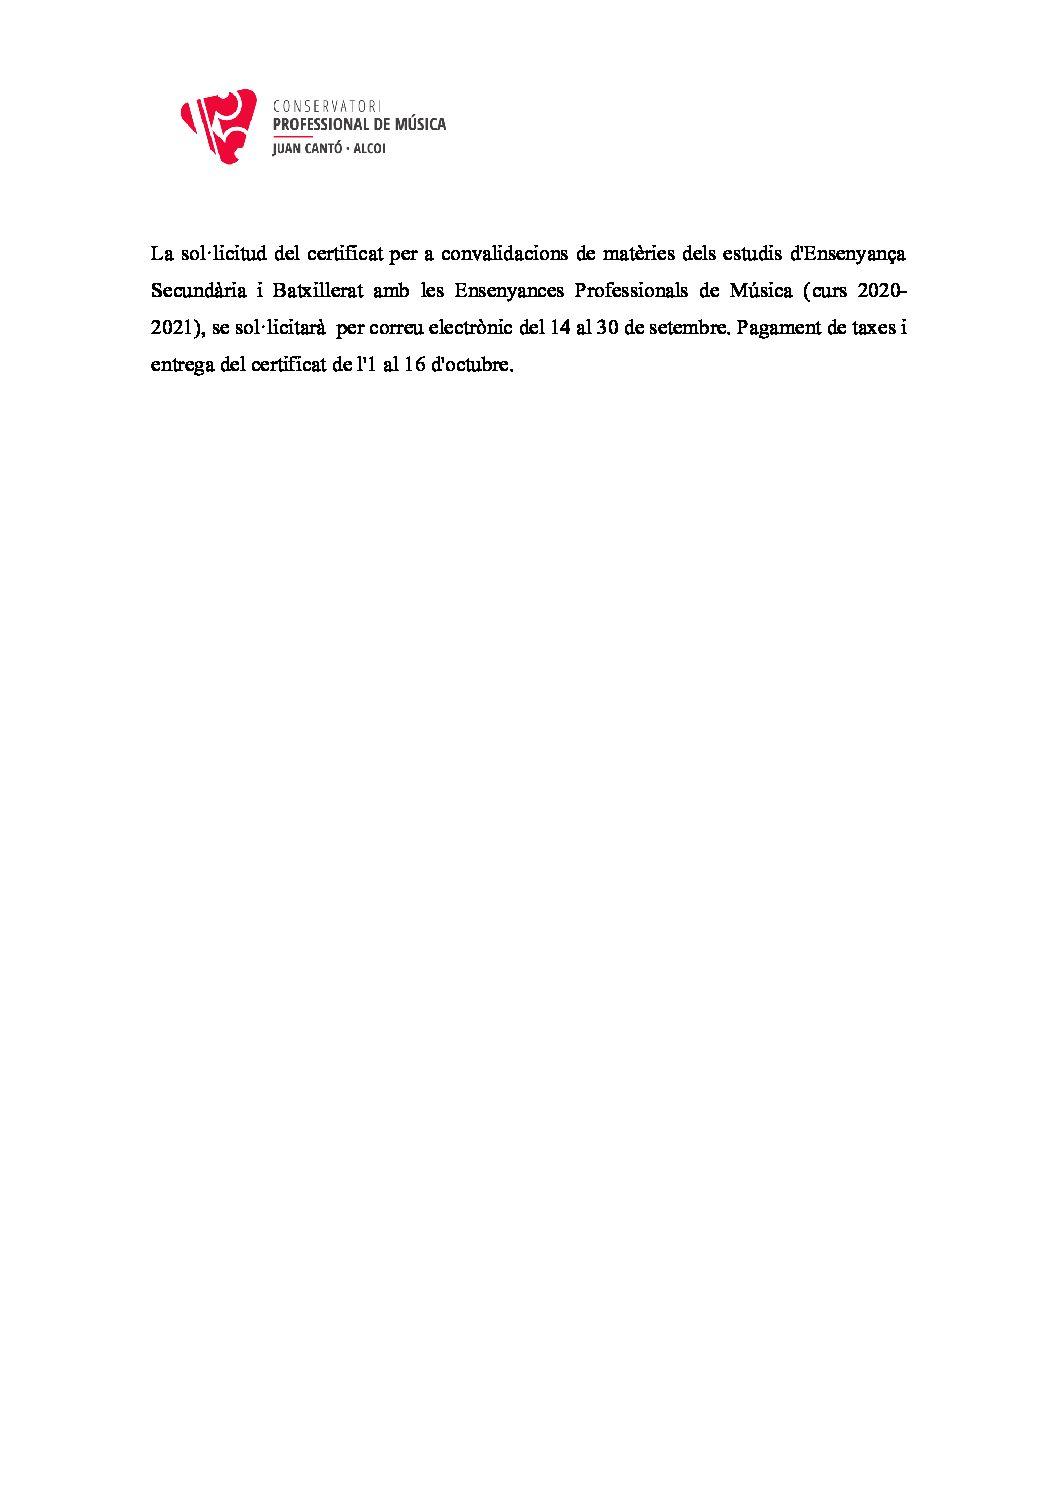 SOL-LICITUD CERTIFICAT CONVALIDACIONS (CURS 2020-2021)